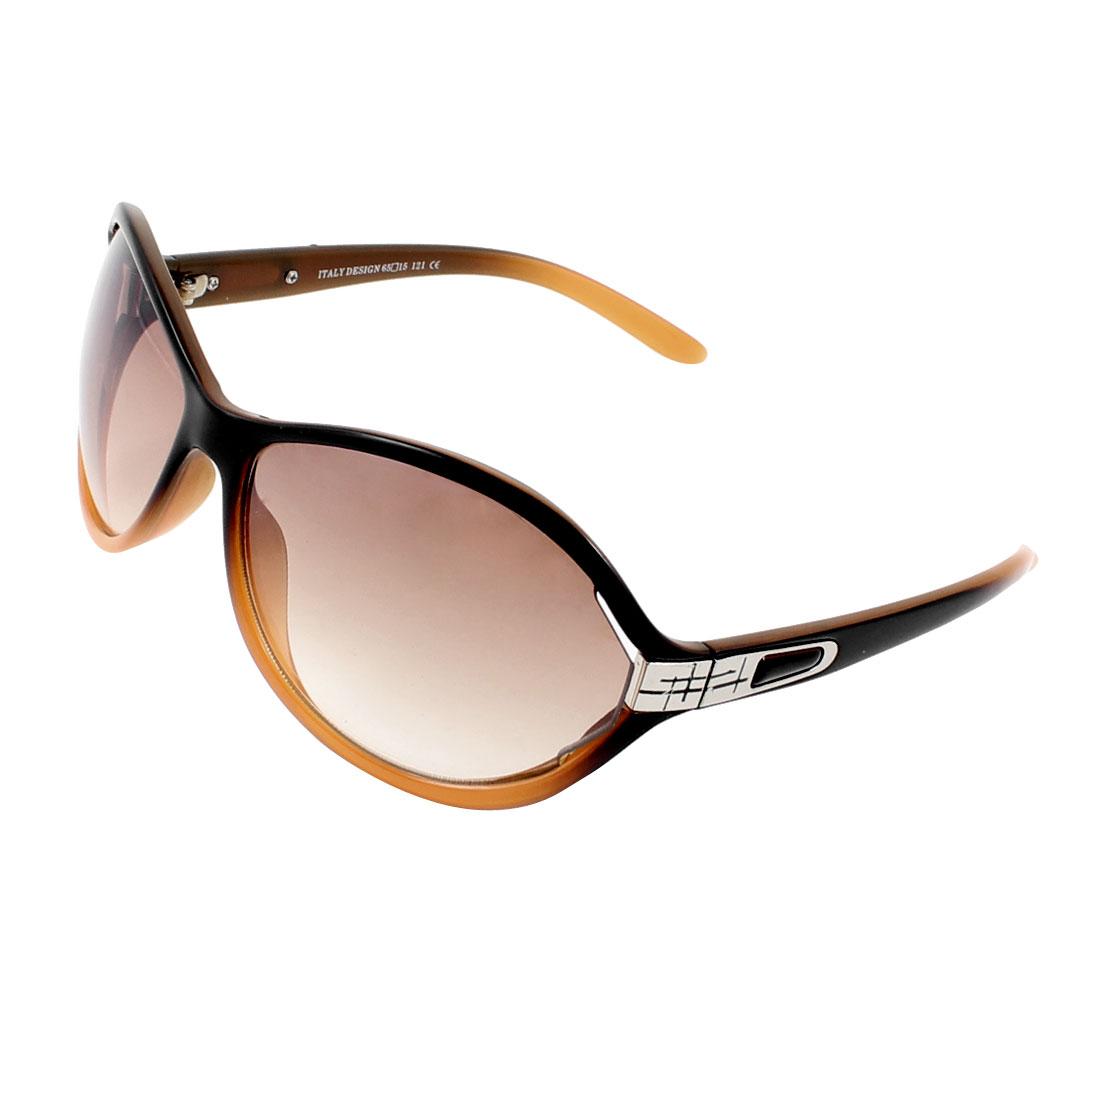 Single Bridge Brown Water Drop Shaped Lens Outdoor Eyewear Sunglasses for Ladies